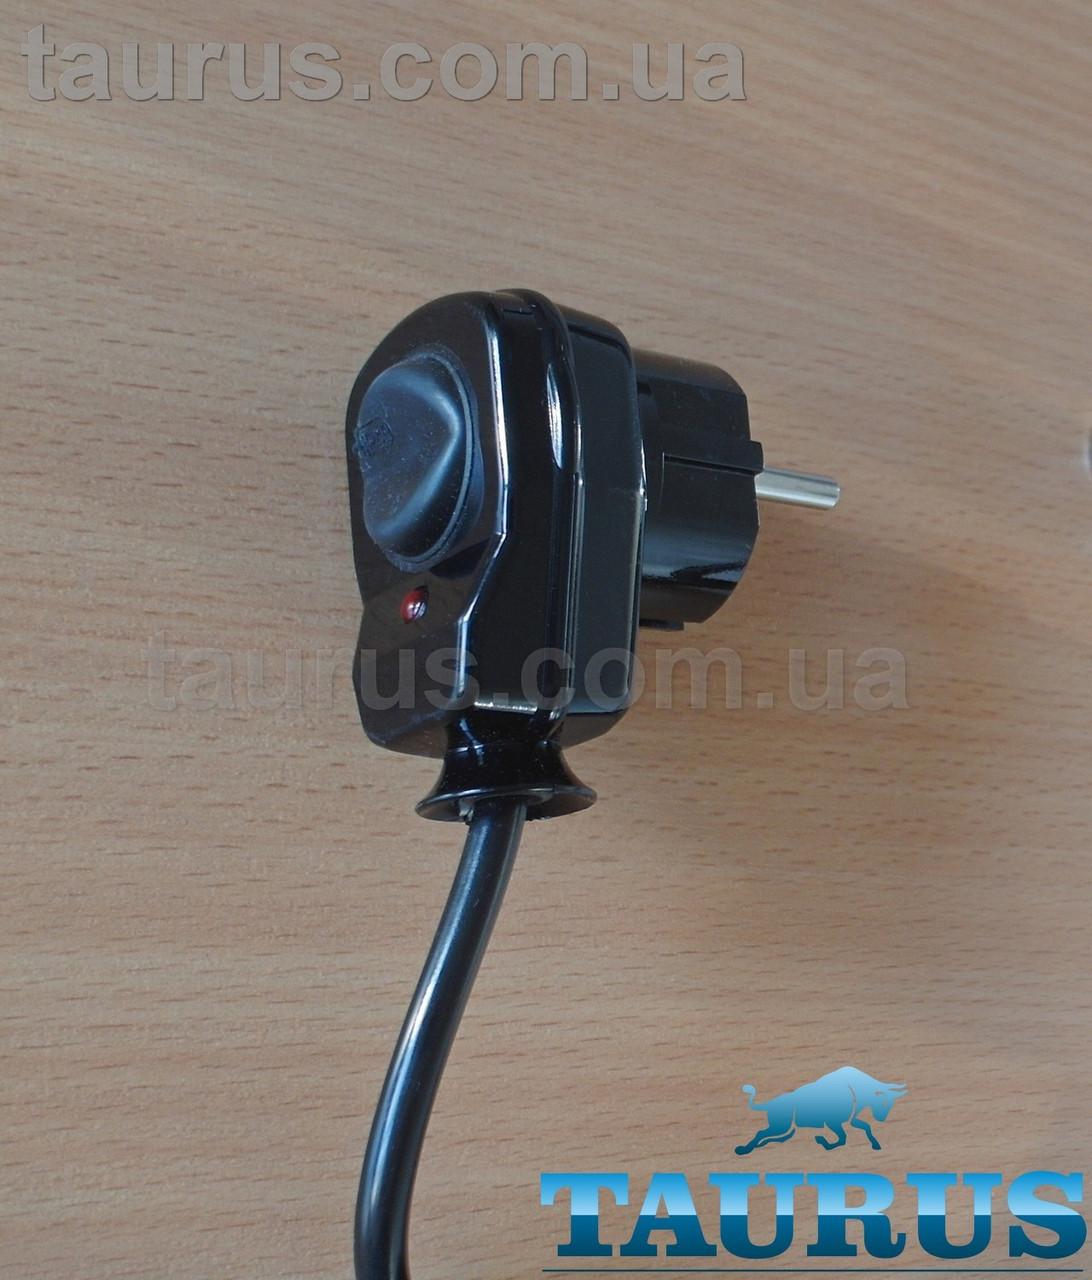 Вилка с кнопкой чёрная Black + заземление для мощных электроприборов до 3500W (16А), с индикатором. Польша